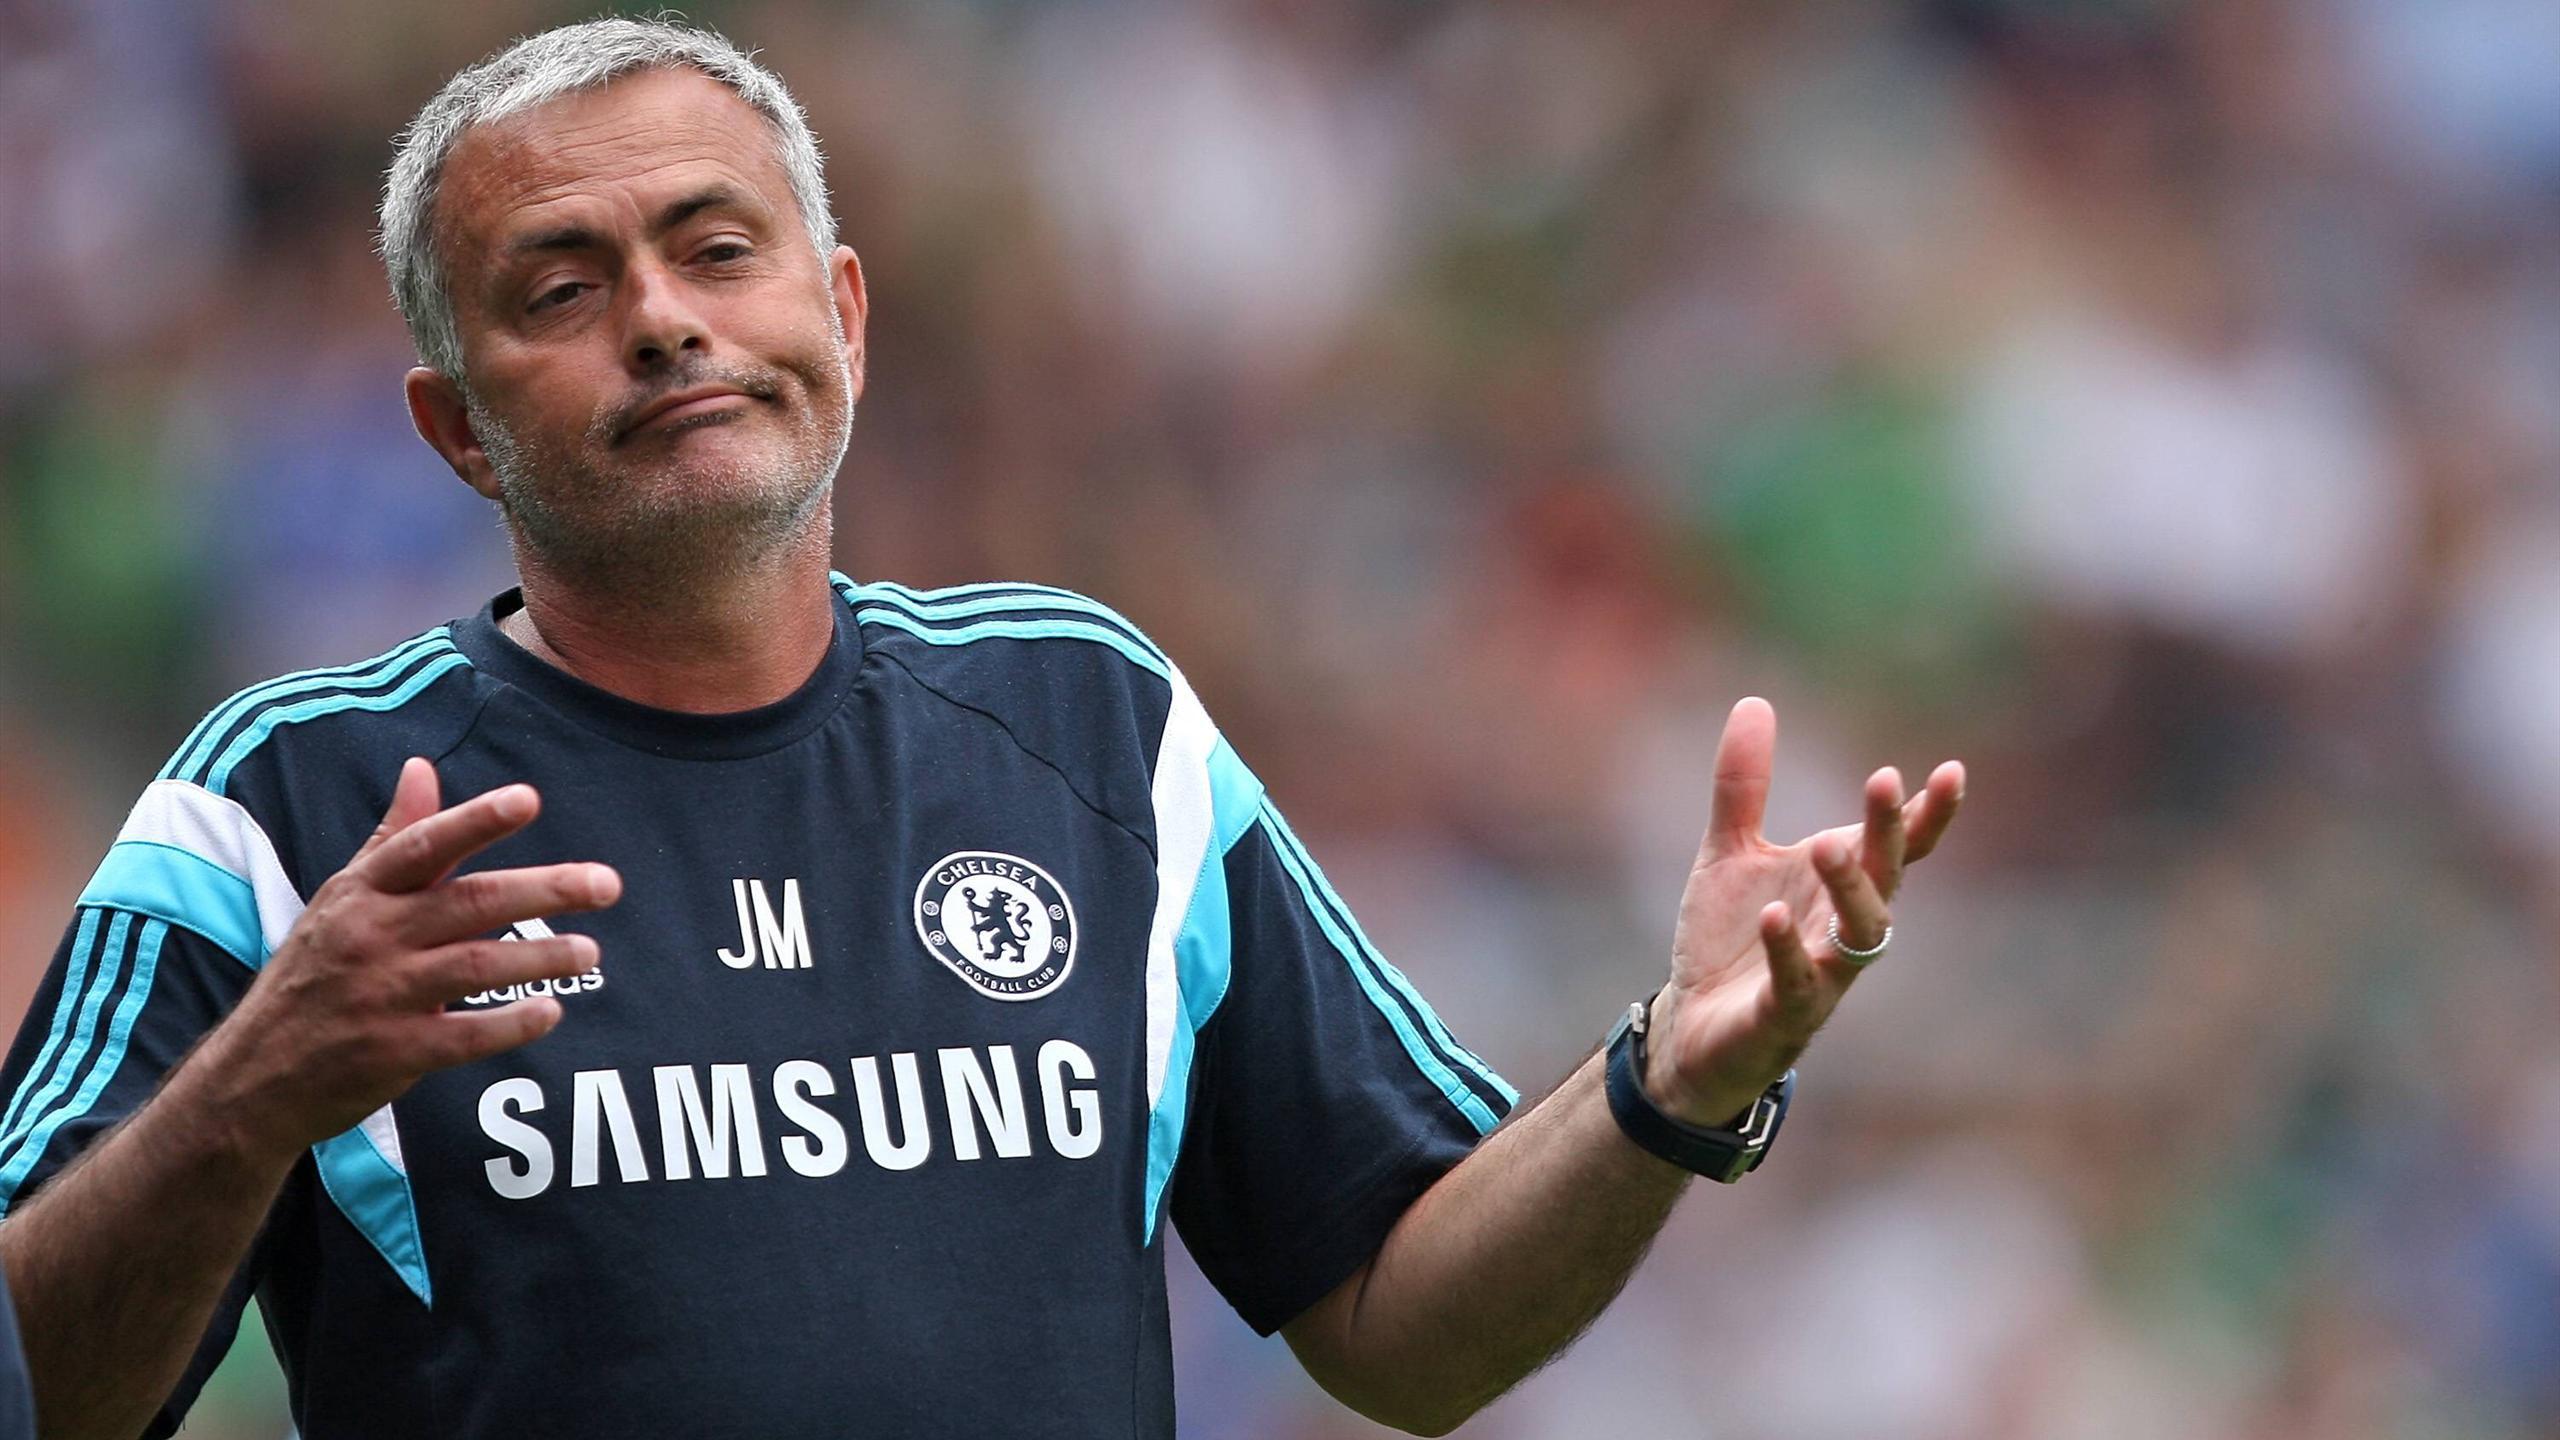 Friendly match - Chelsea hammered by Werder Bremen